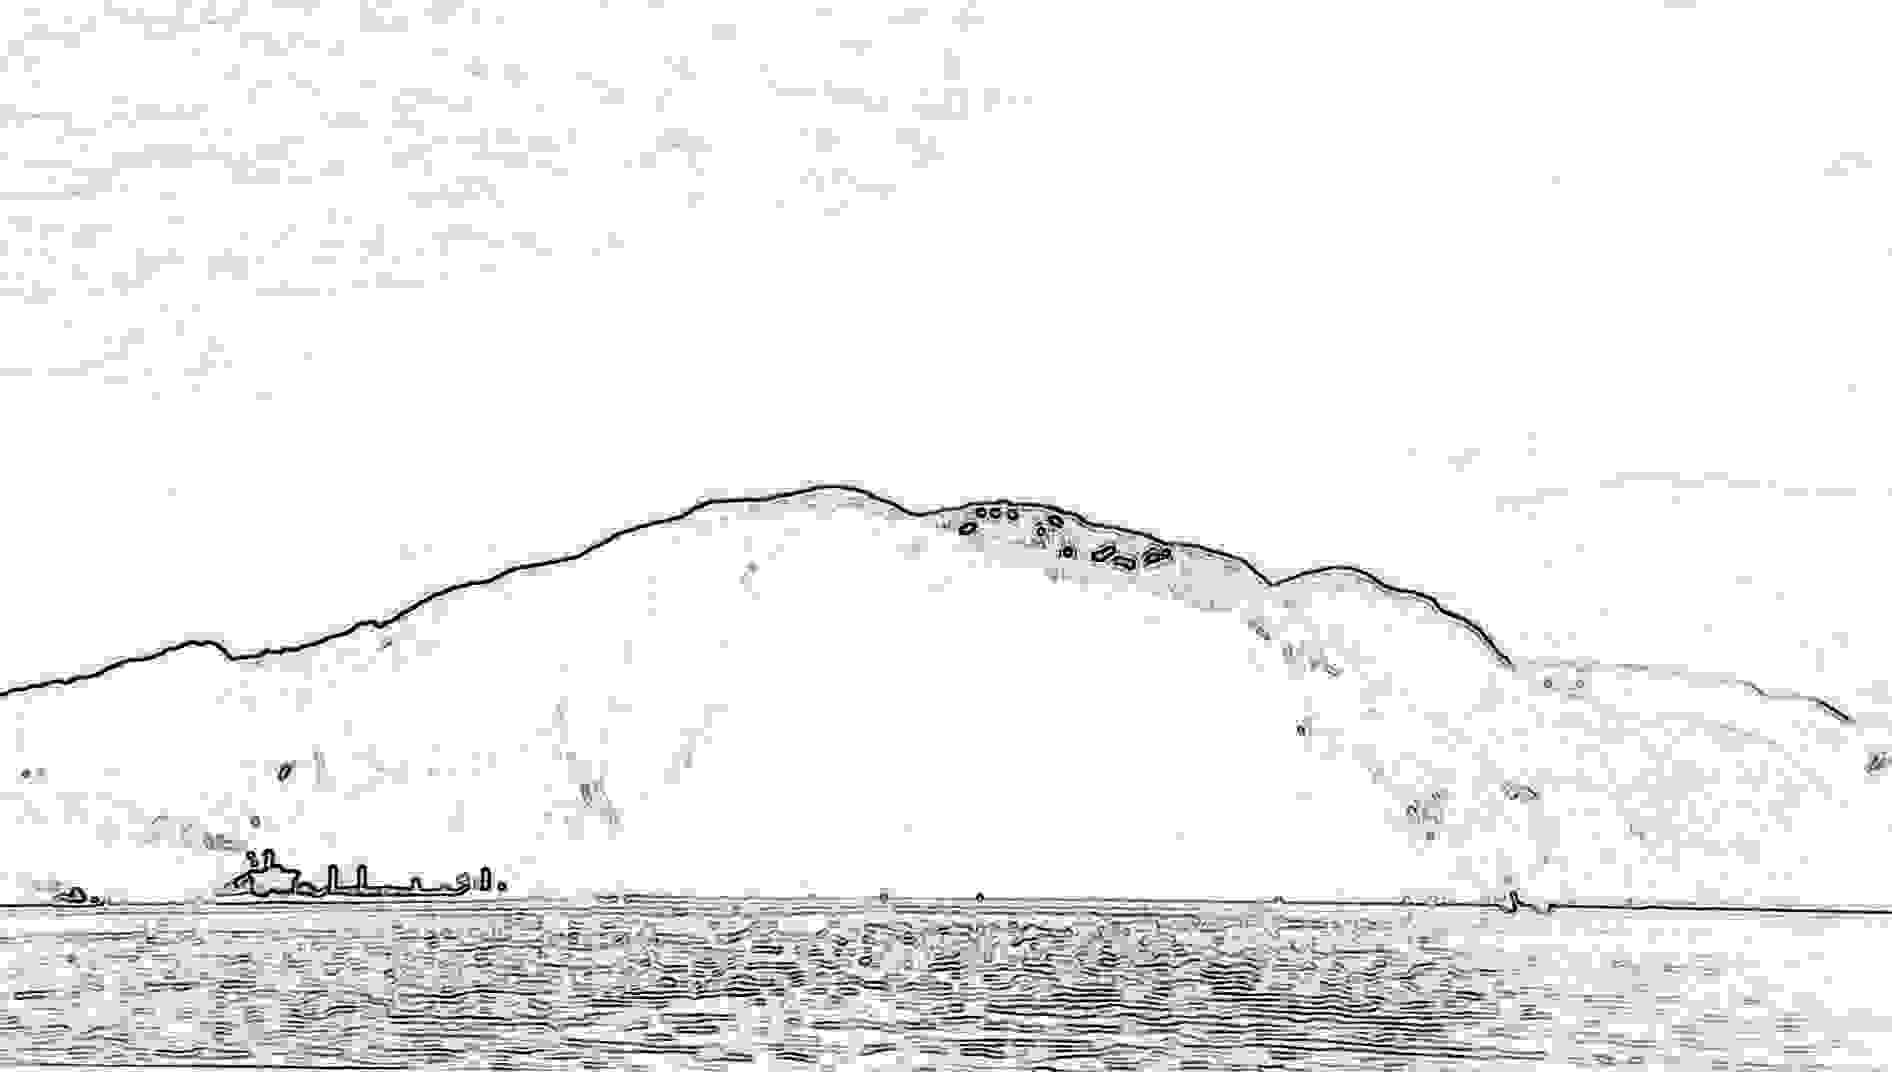 Berge Und See Landschaftsbild Bildvorlage